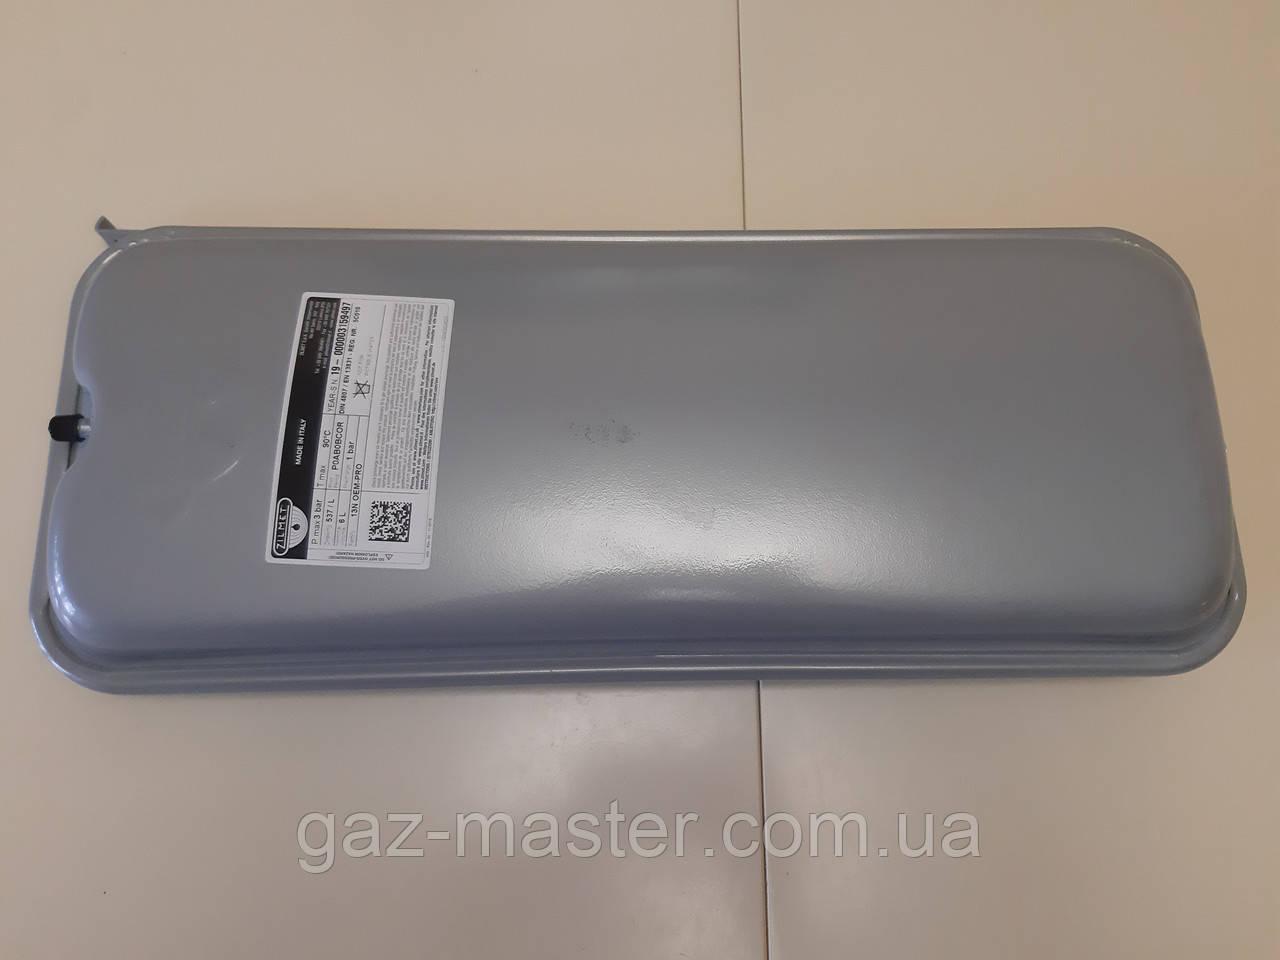 """Бак расширительный Zilmet боковое крепление Объем 6 литров 3/8""""G - 13N6000623"""